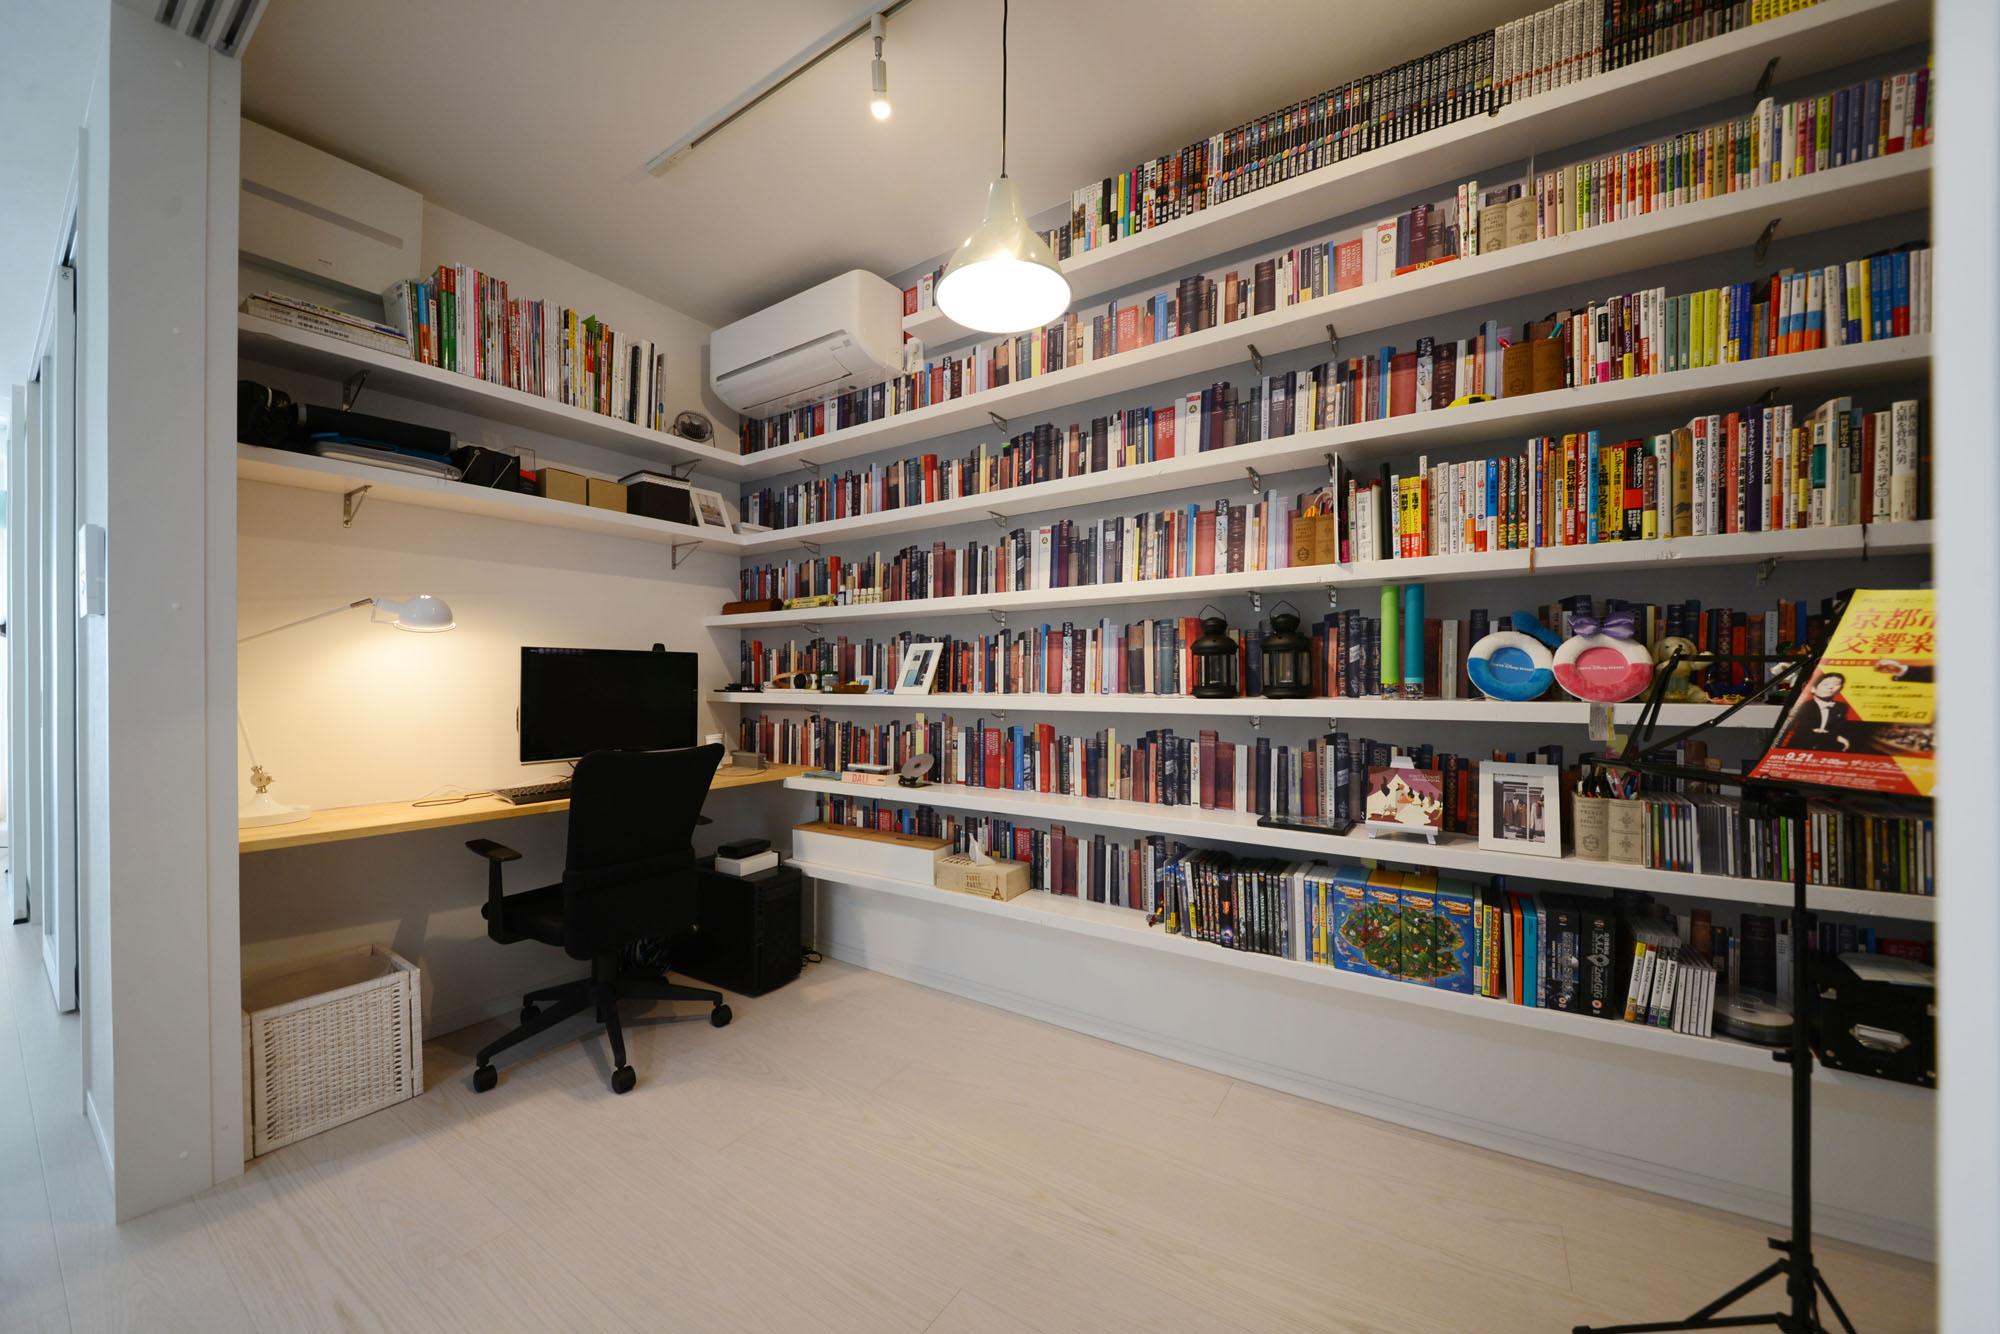 LDK隣接の書斎。戸を閉め切って集中もできます。の写真